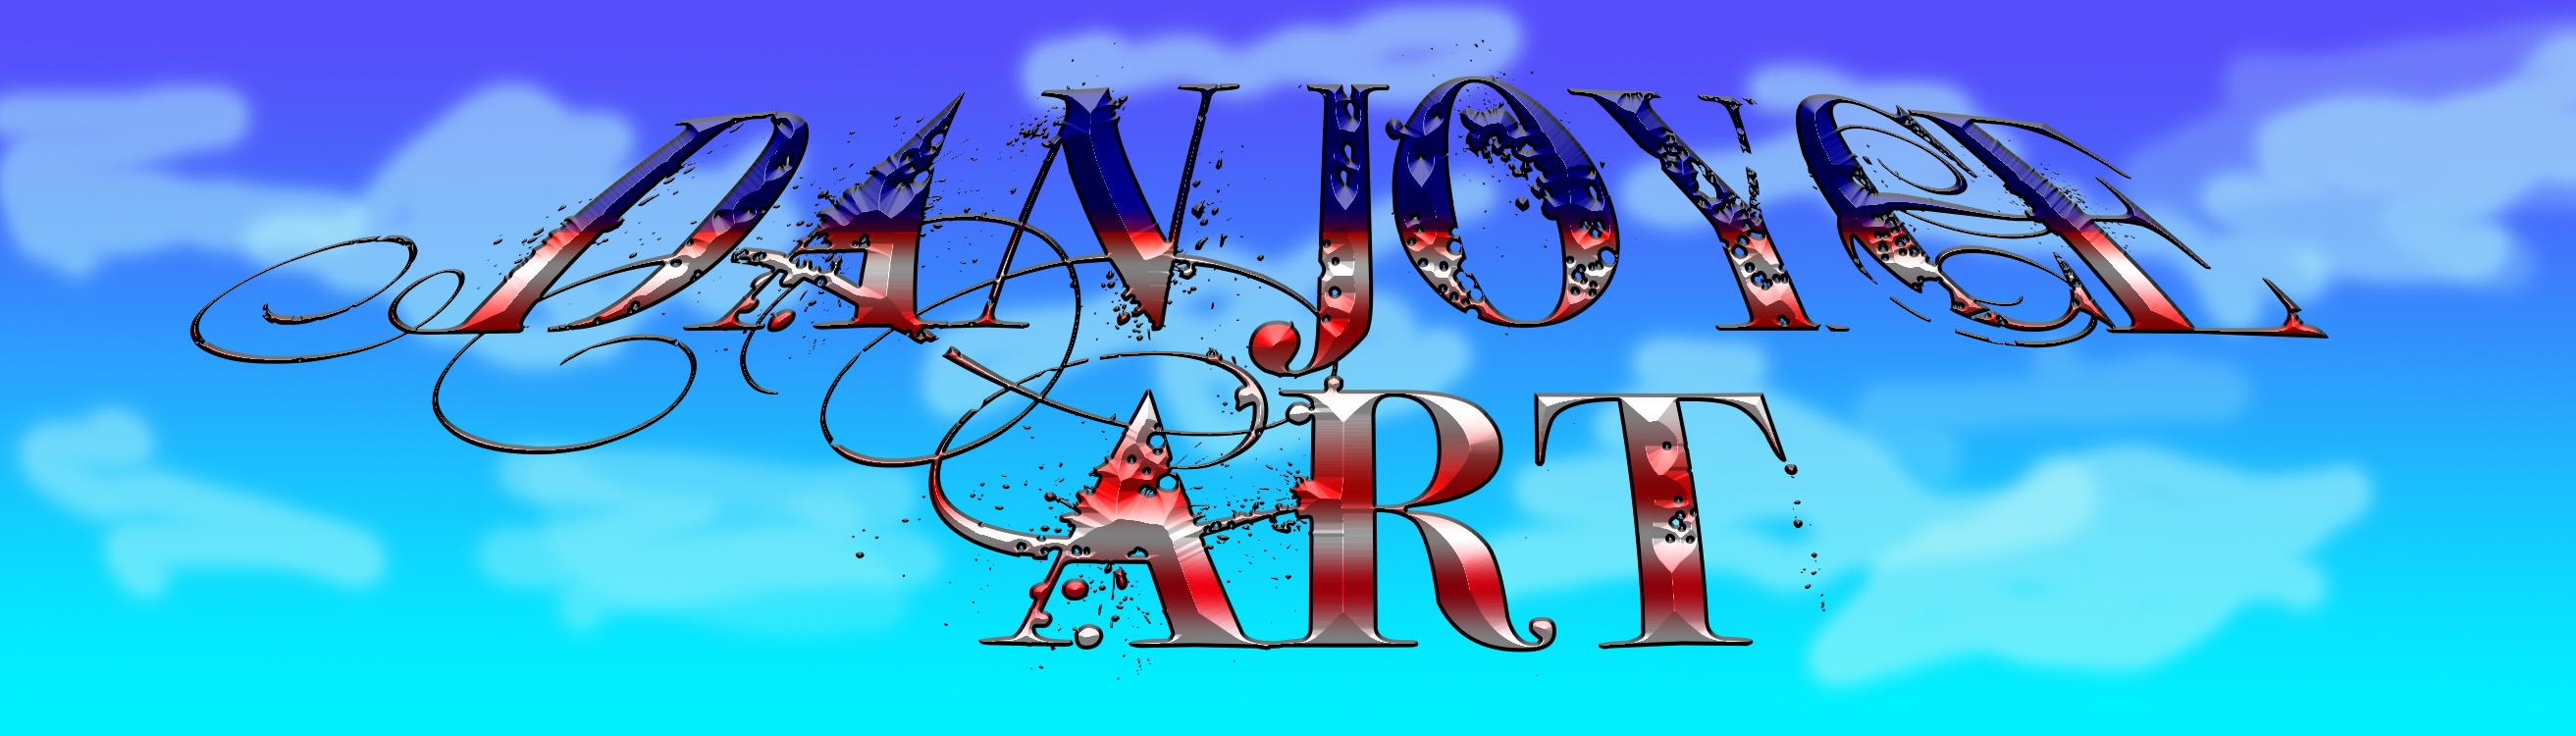 DAN JOYCE ART